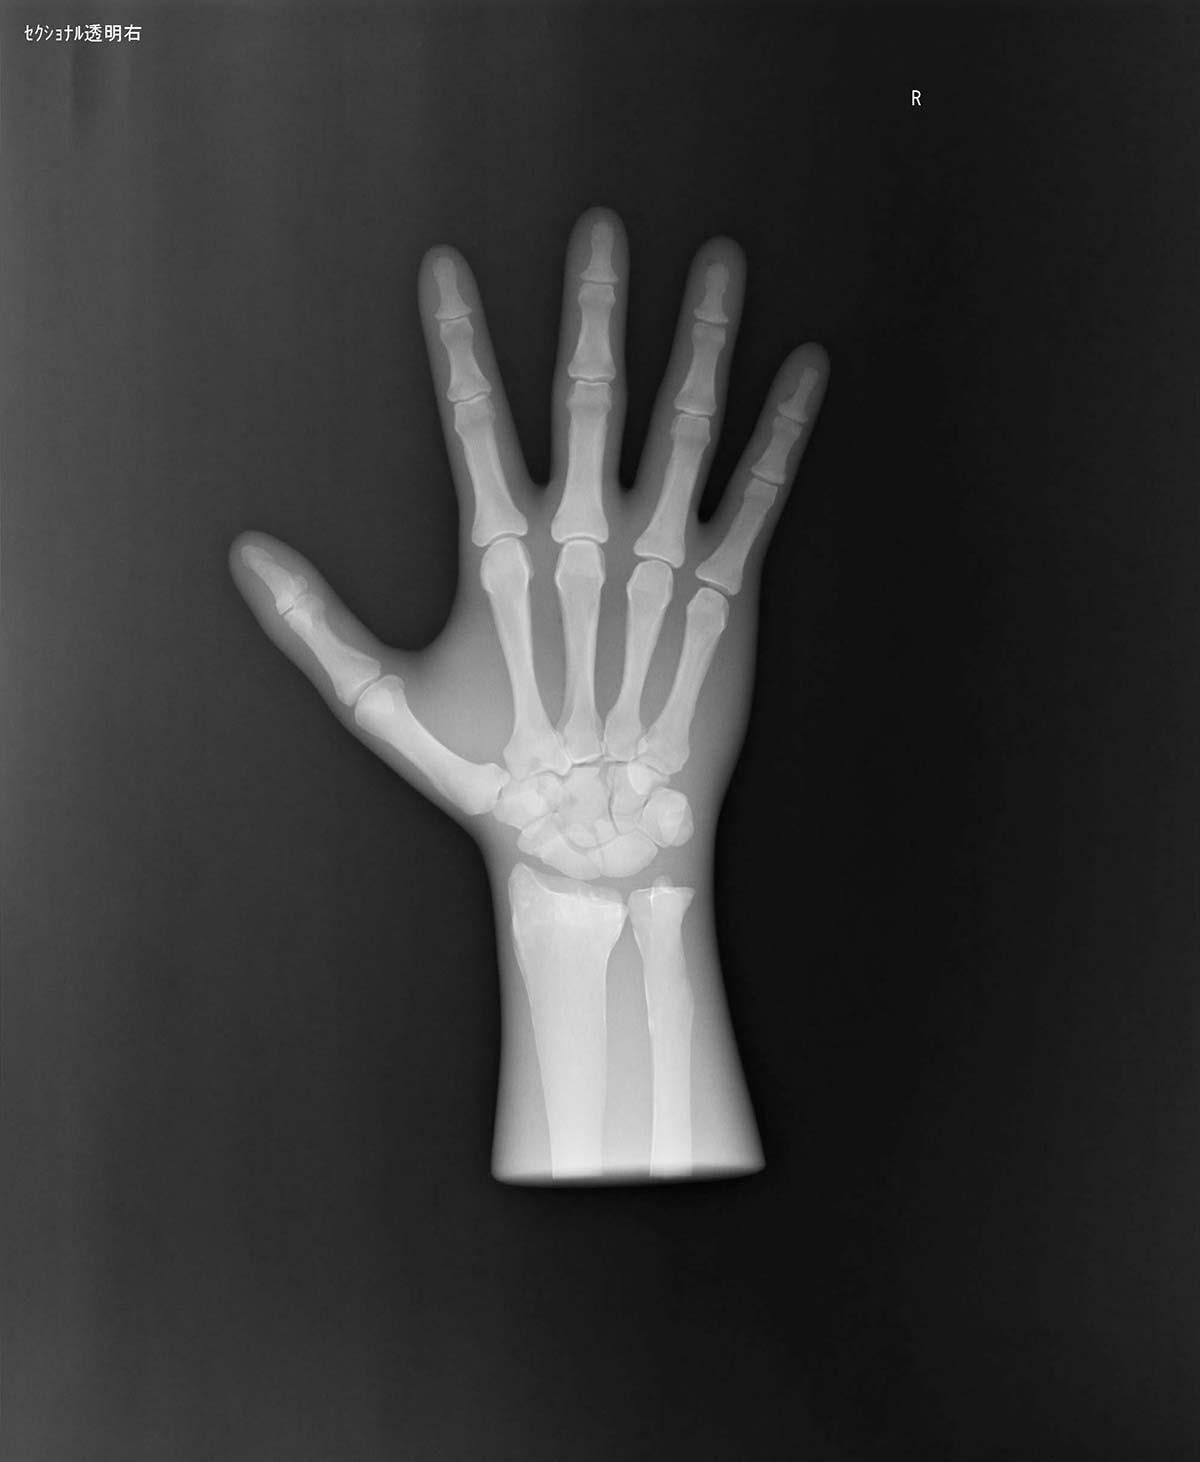 Röntgen-Teilphantom mit künstlichen Knochen - Rechte Hand, transparent 1